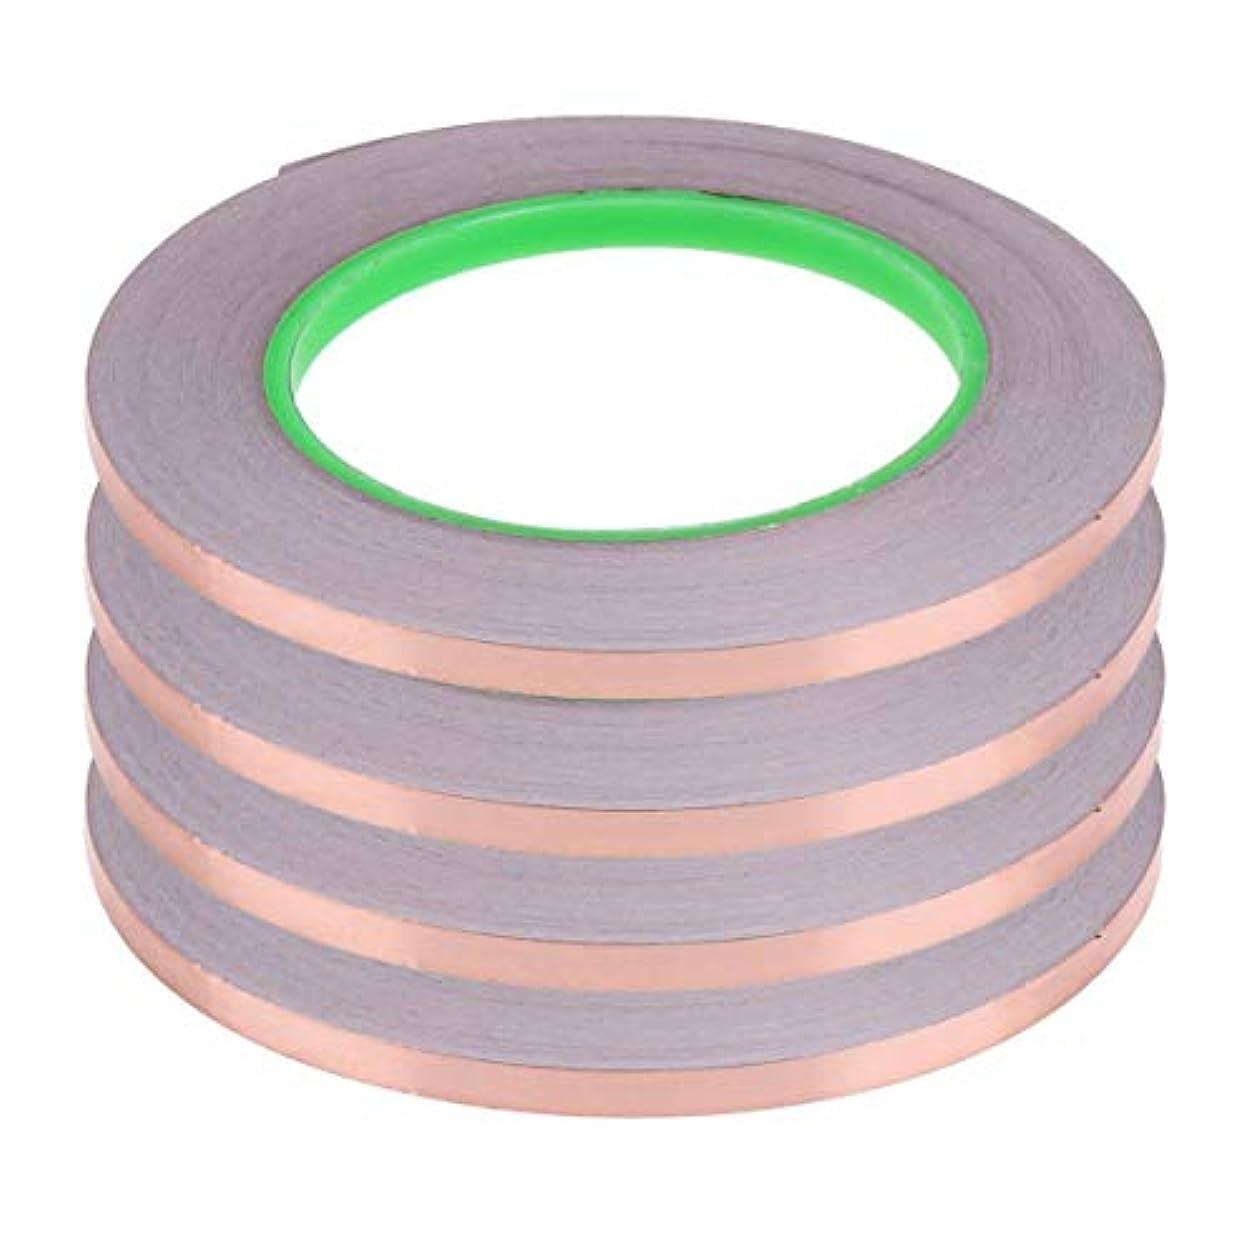 理解する人工的な仮装Blackfell 4ピース/セット20メートル0.6センチ両面導電性銅箔テープストリップ接着剤EMIシールド耐熱テープ